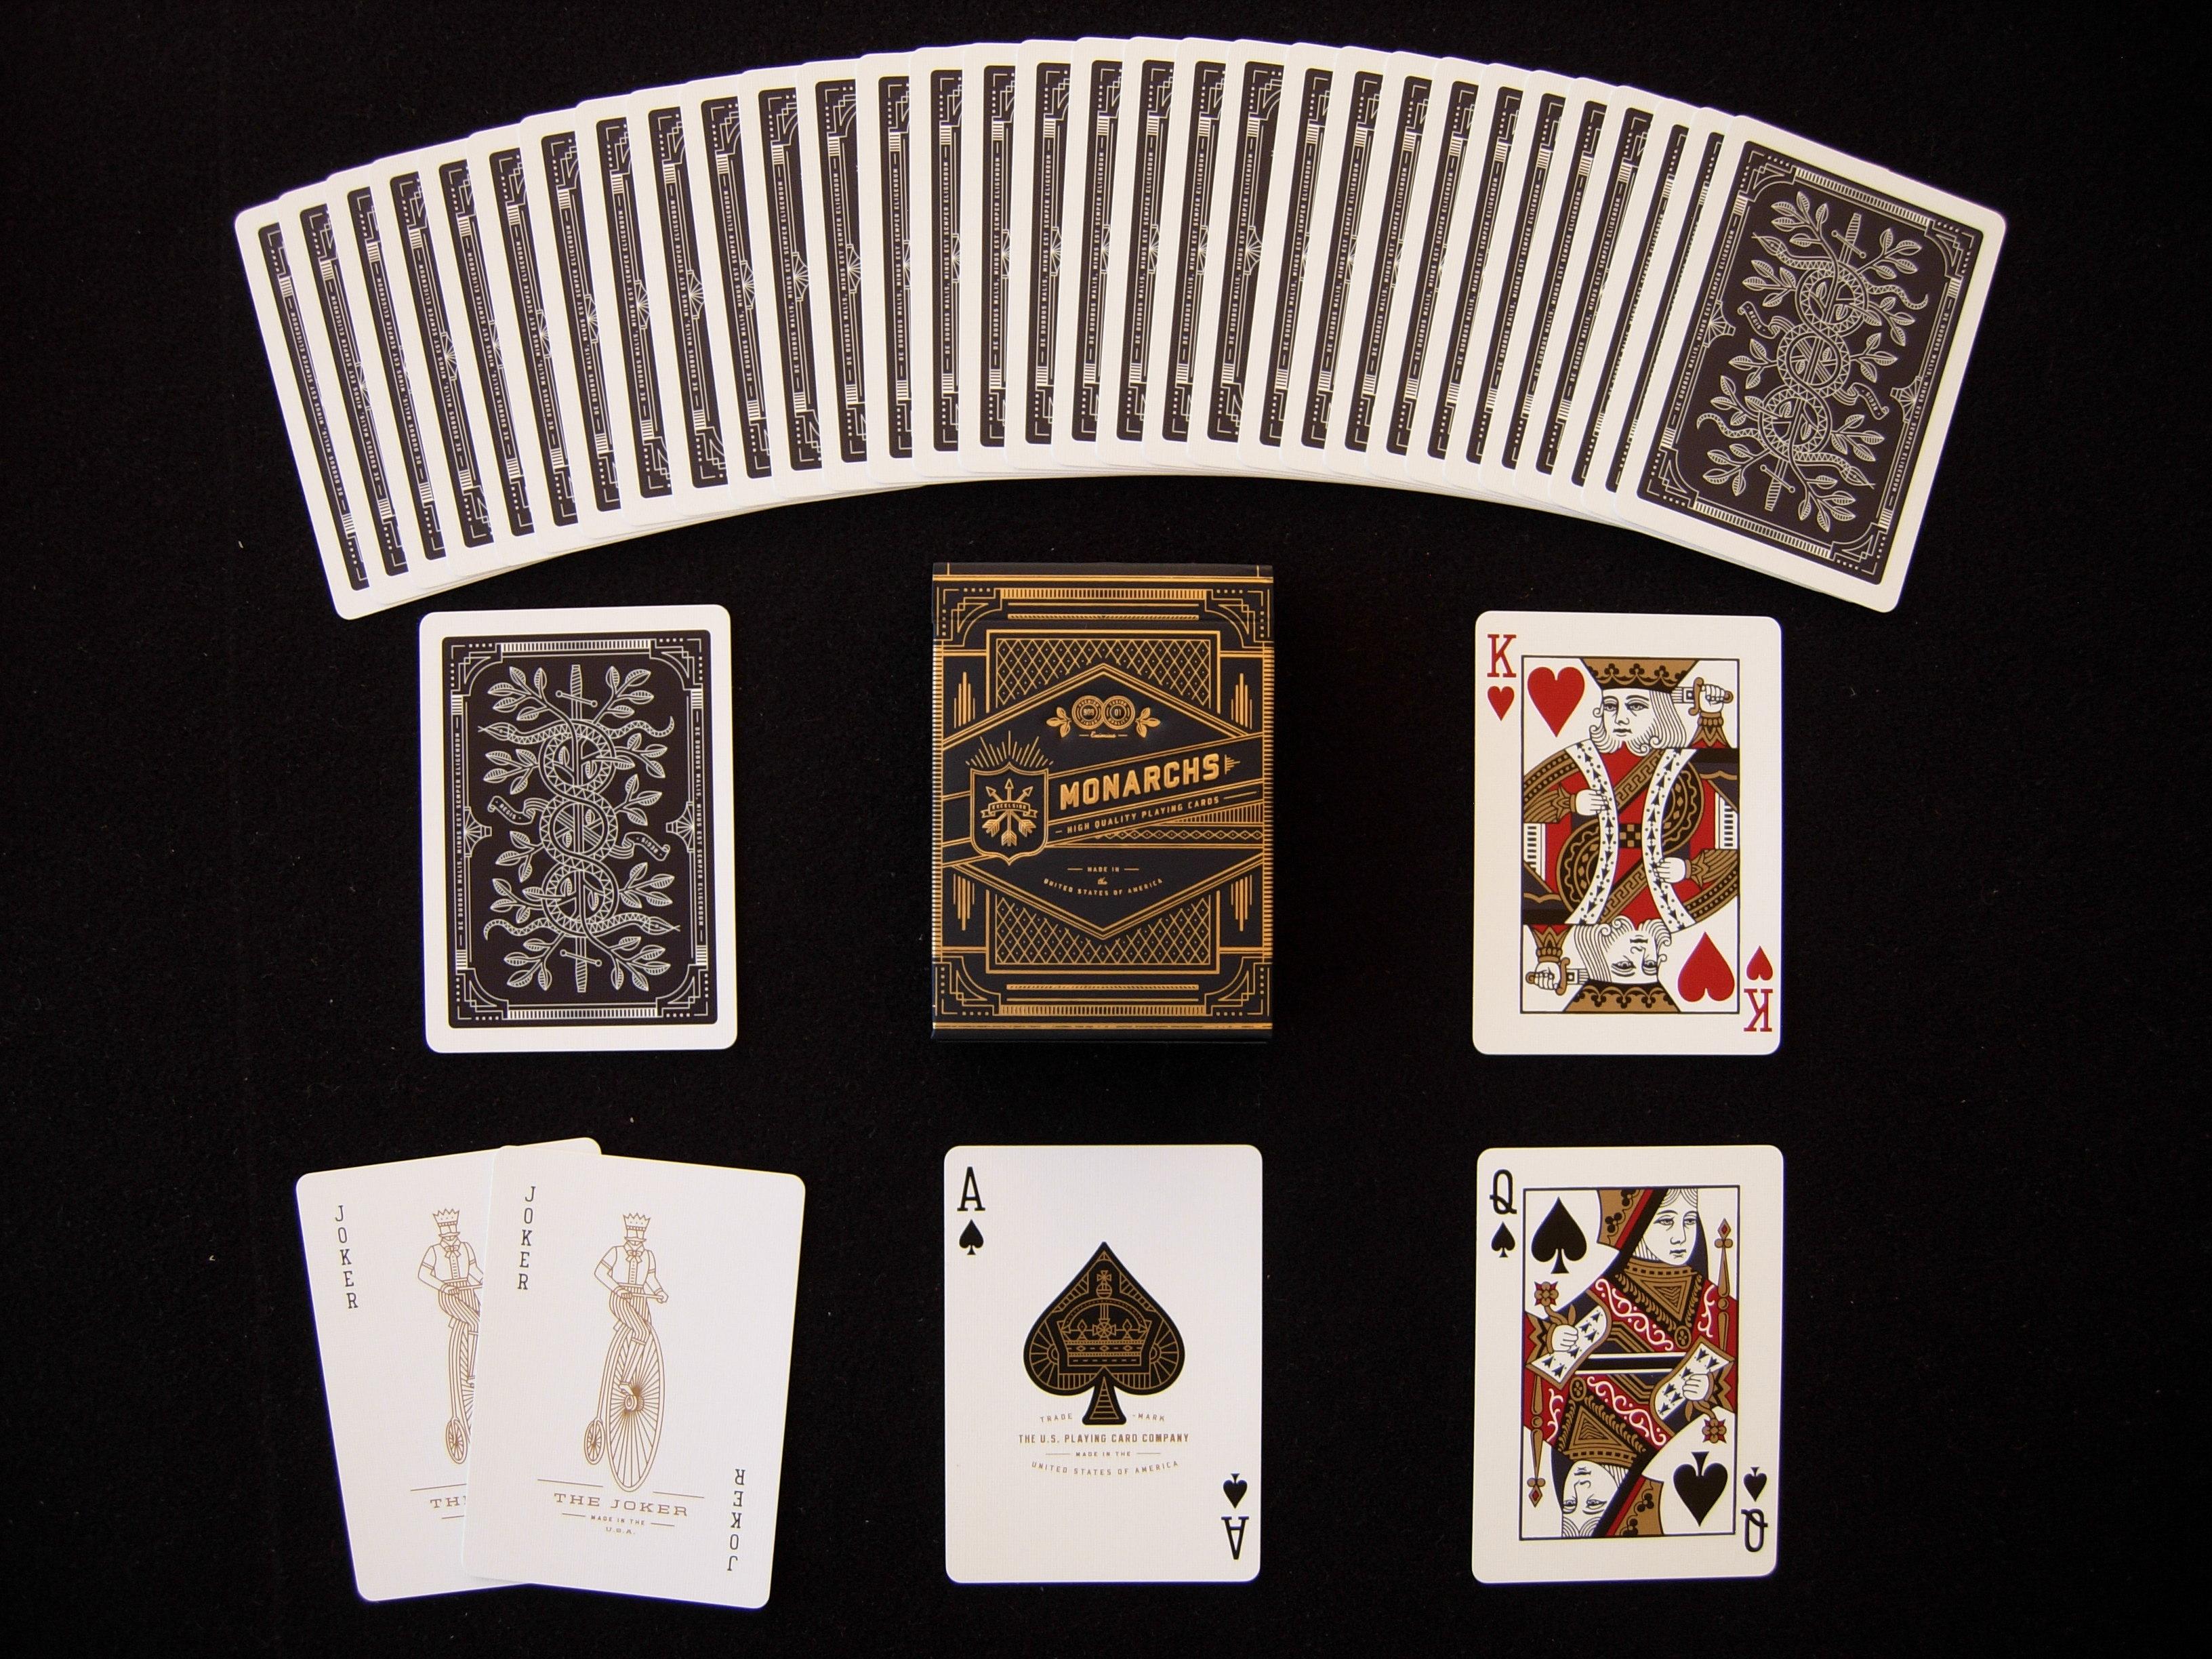 Silver sands casino mobile